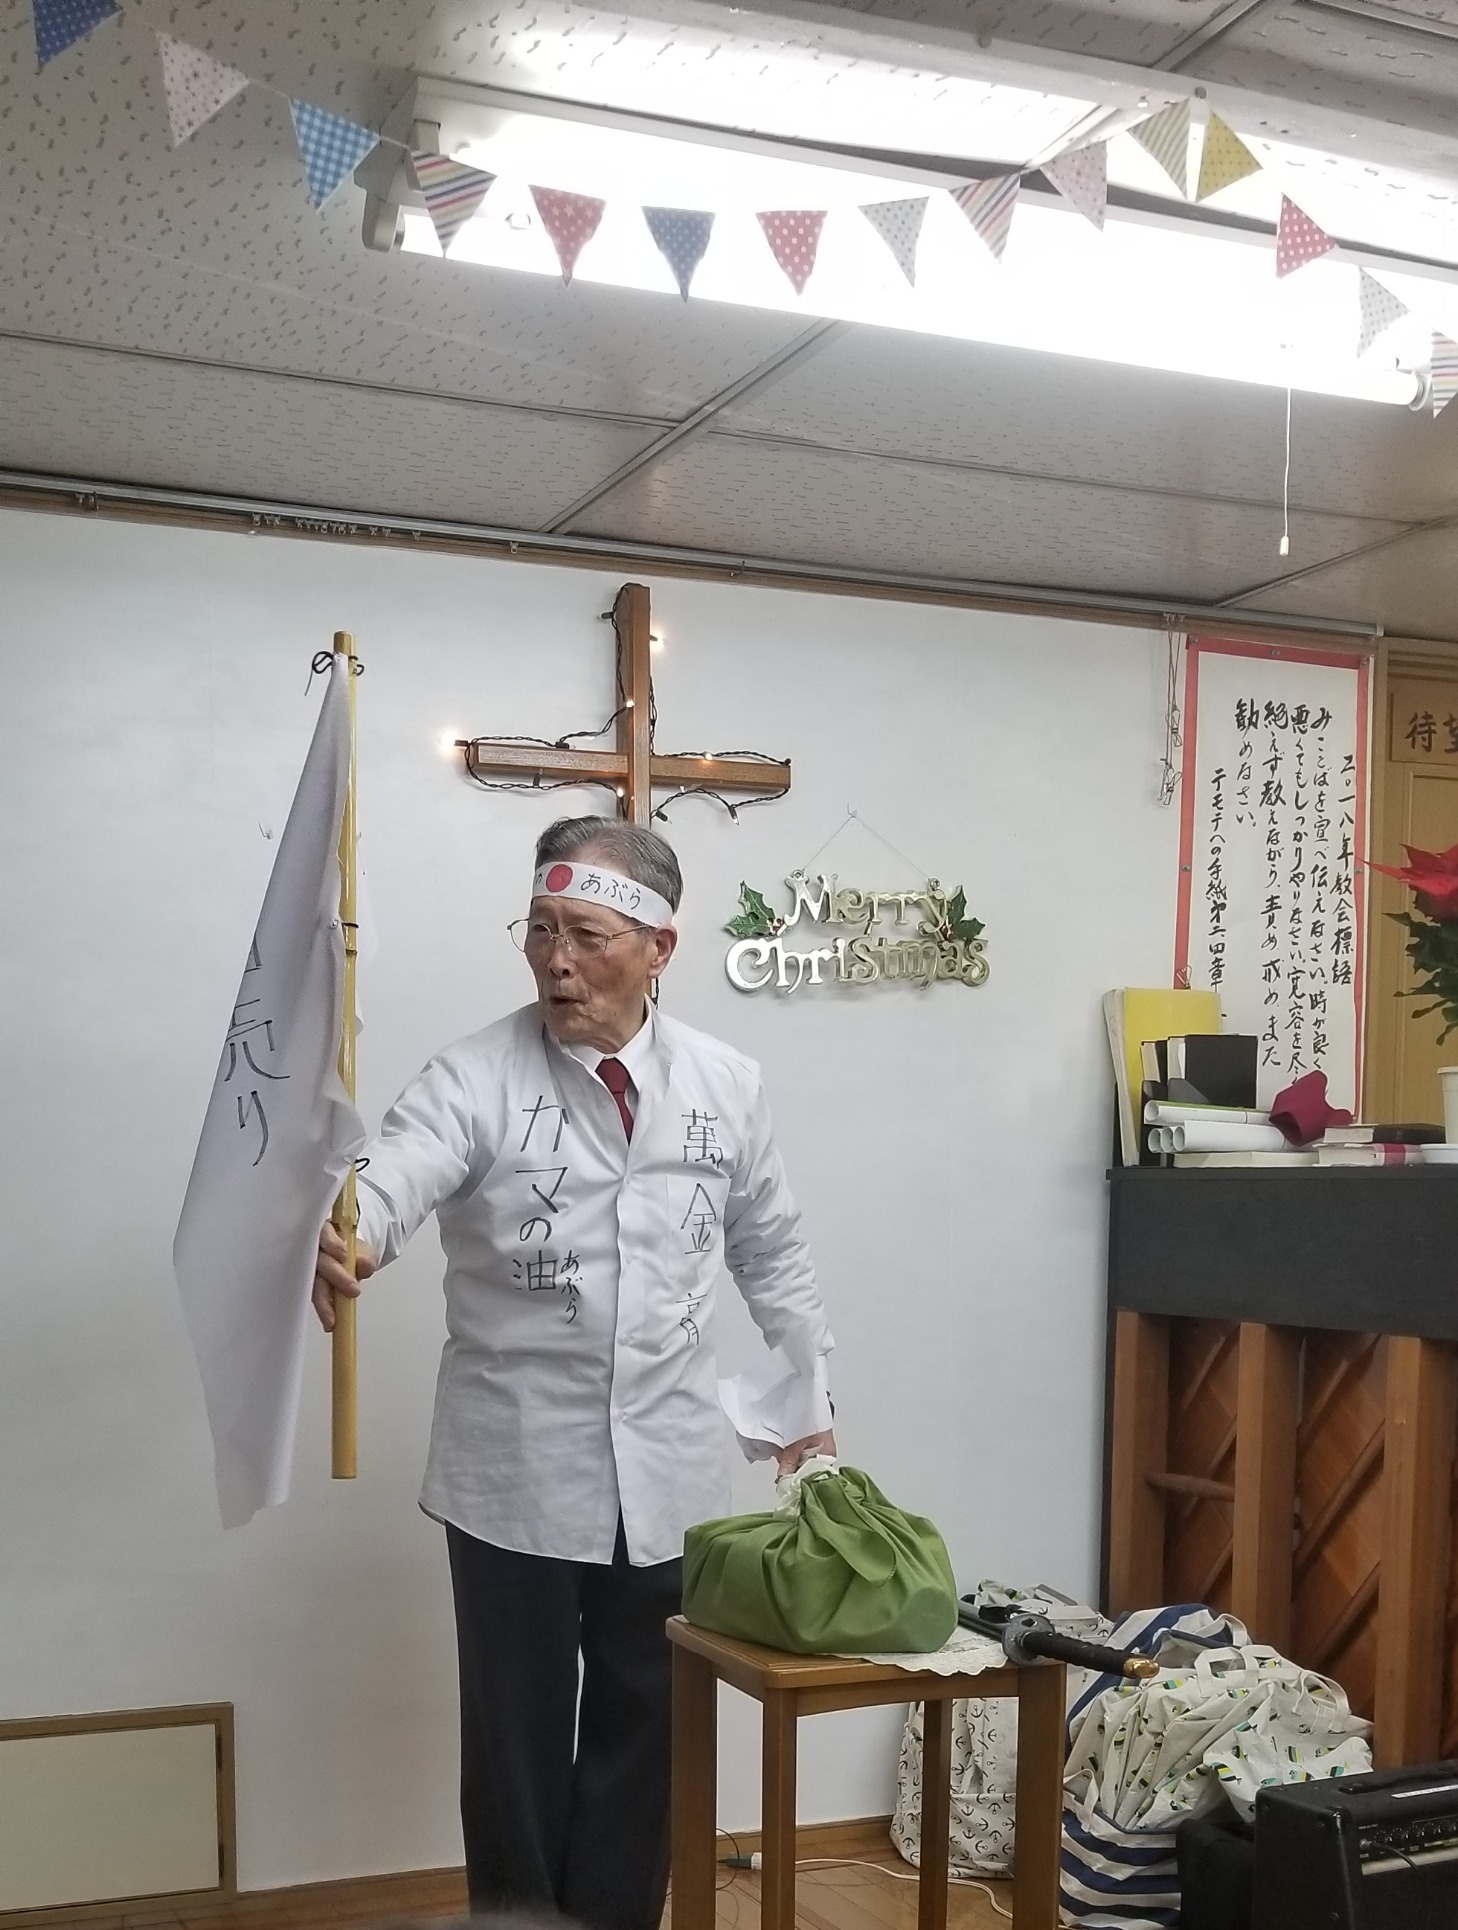 20181223 大人クリスマス会7